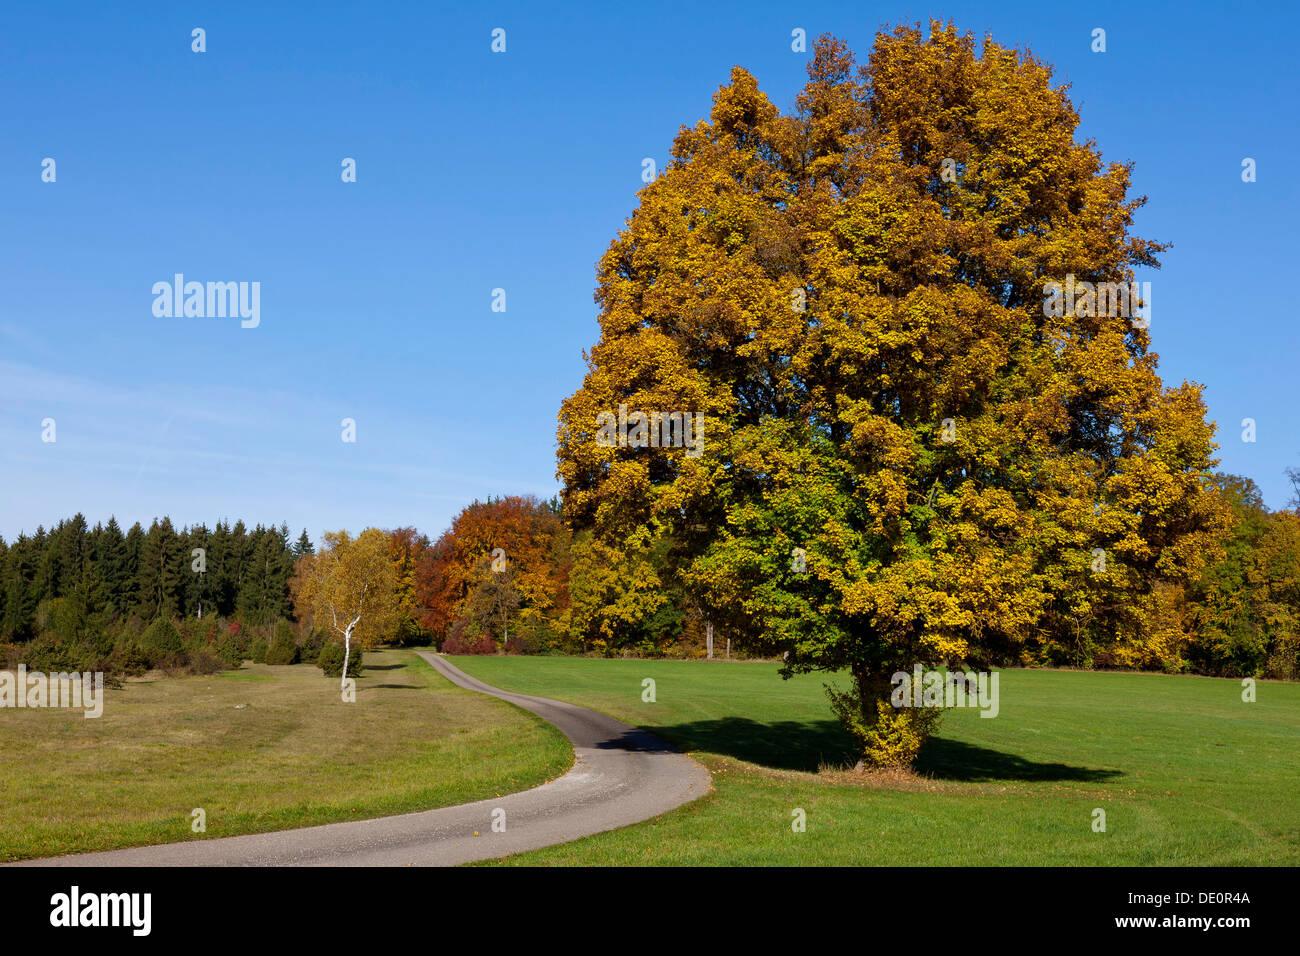 Percorso attraverso un campo con alberi d'autunno, Gerstetten, Giura Svevo, Schwäbische Alb, Baden-Württemberg, Germania Immagini Stock